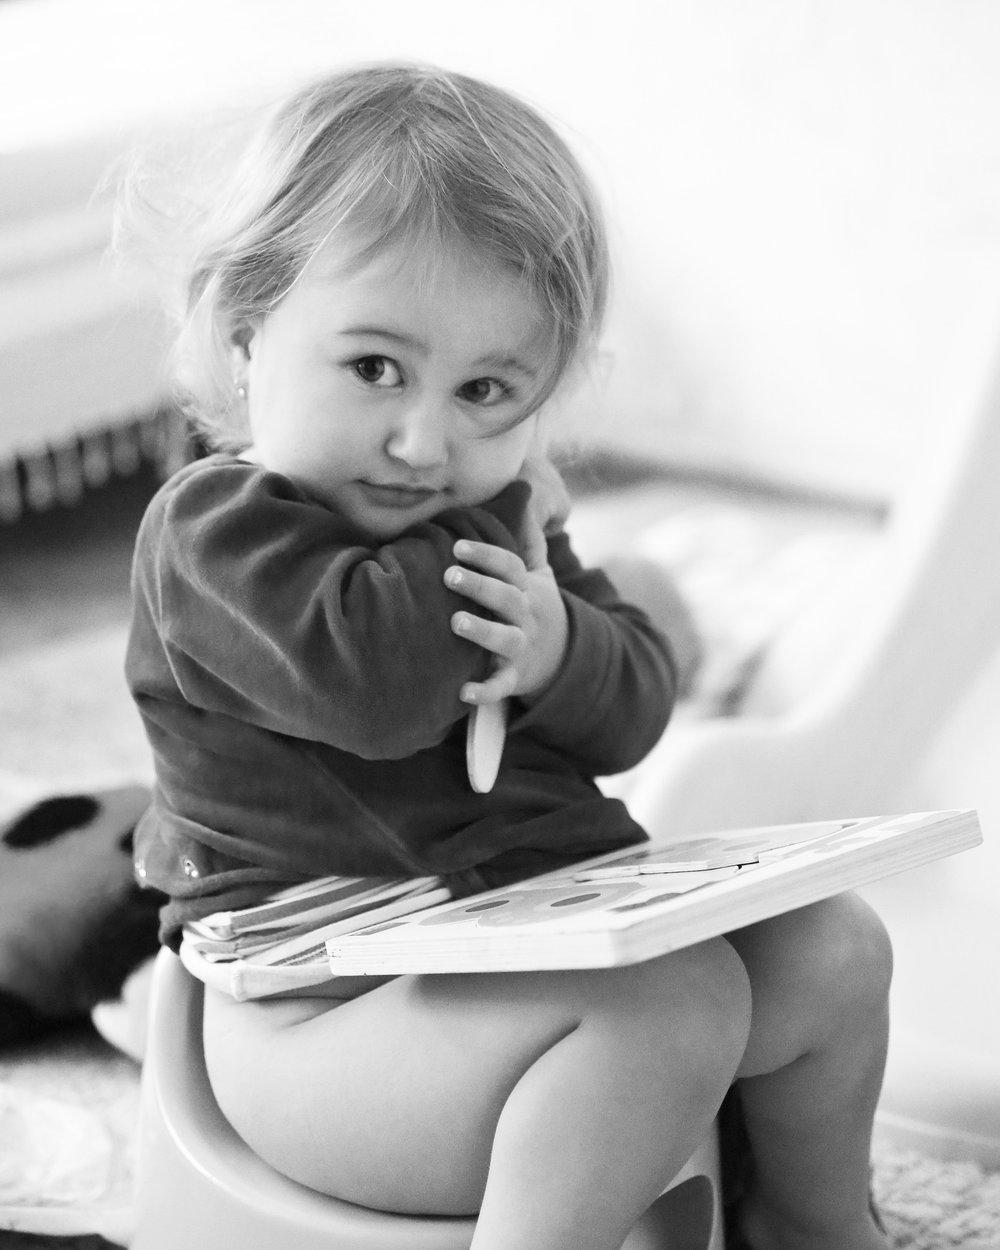 fotos-hijos-facebook (2).jpg